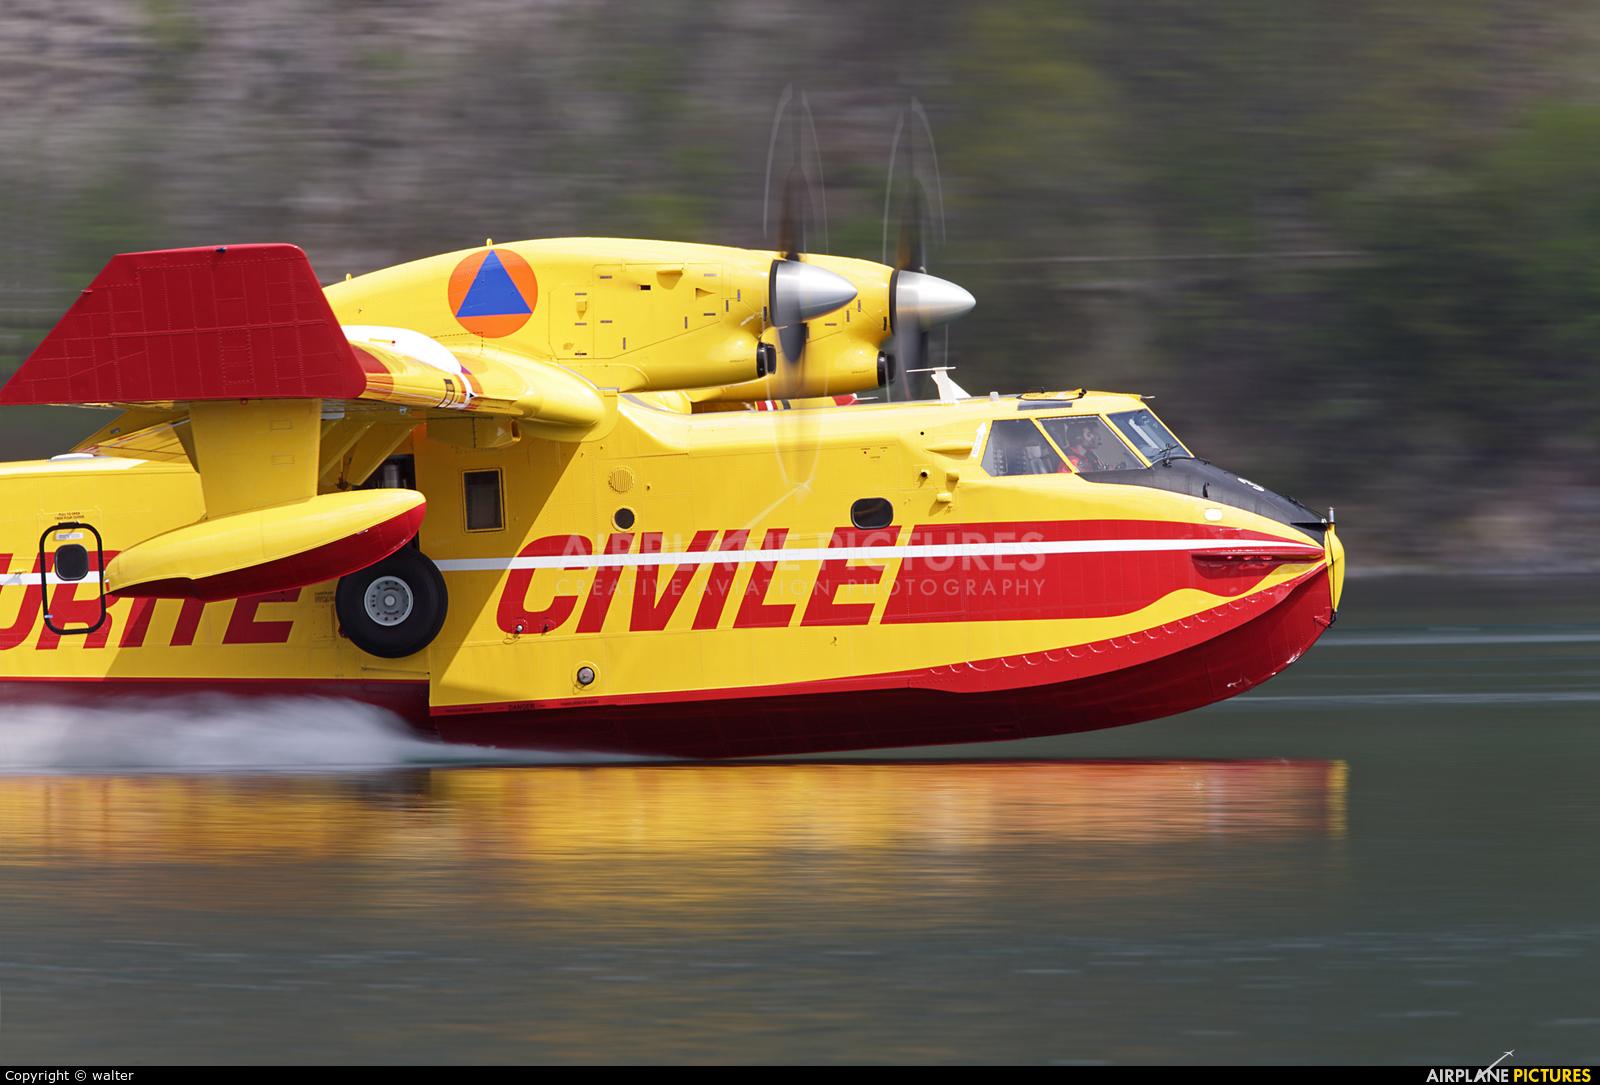 France - Sécurité Civile F-ZBFX aircraft at Off Airport - France